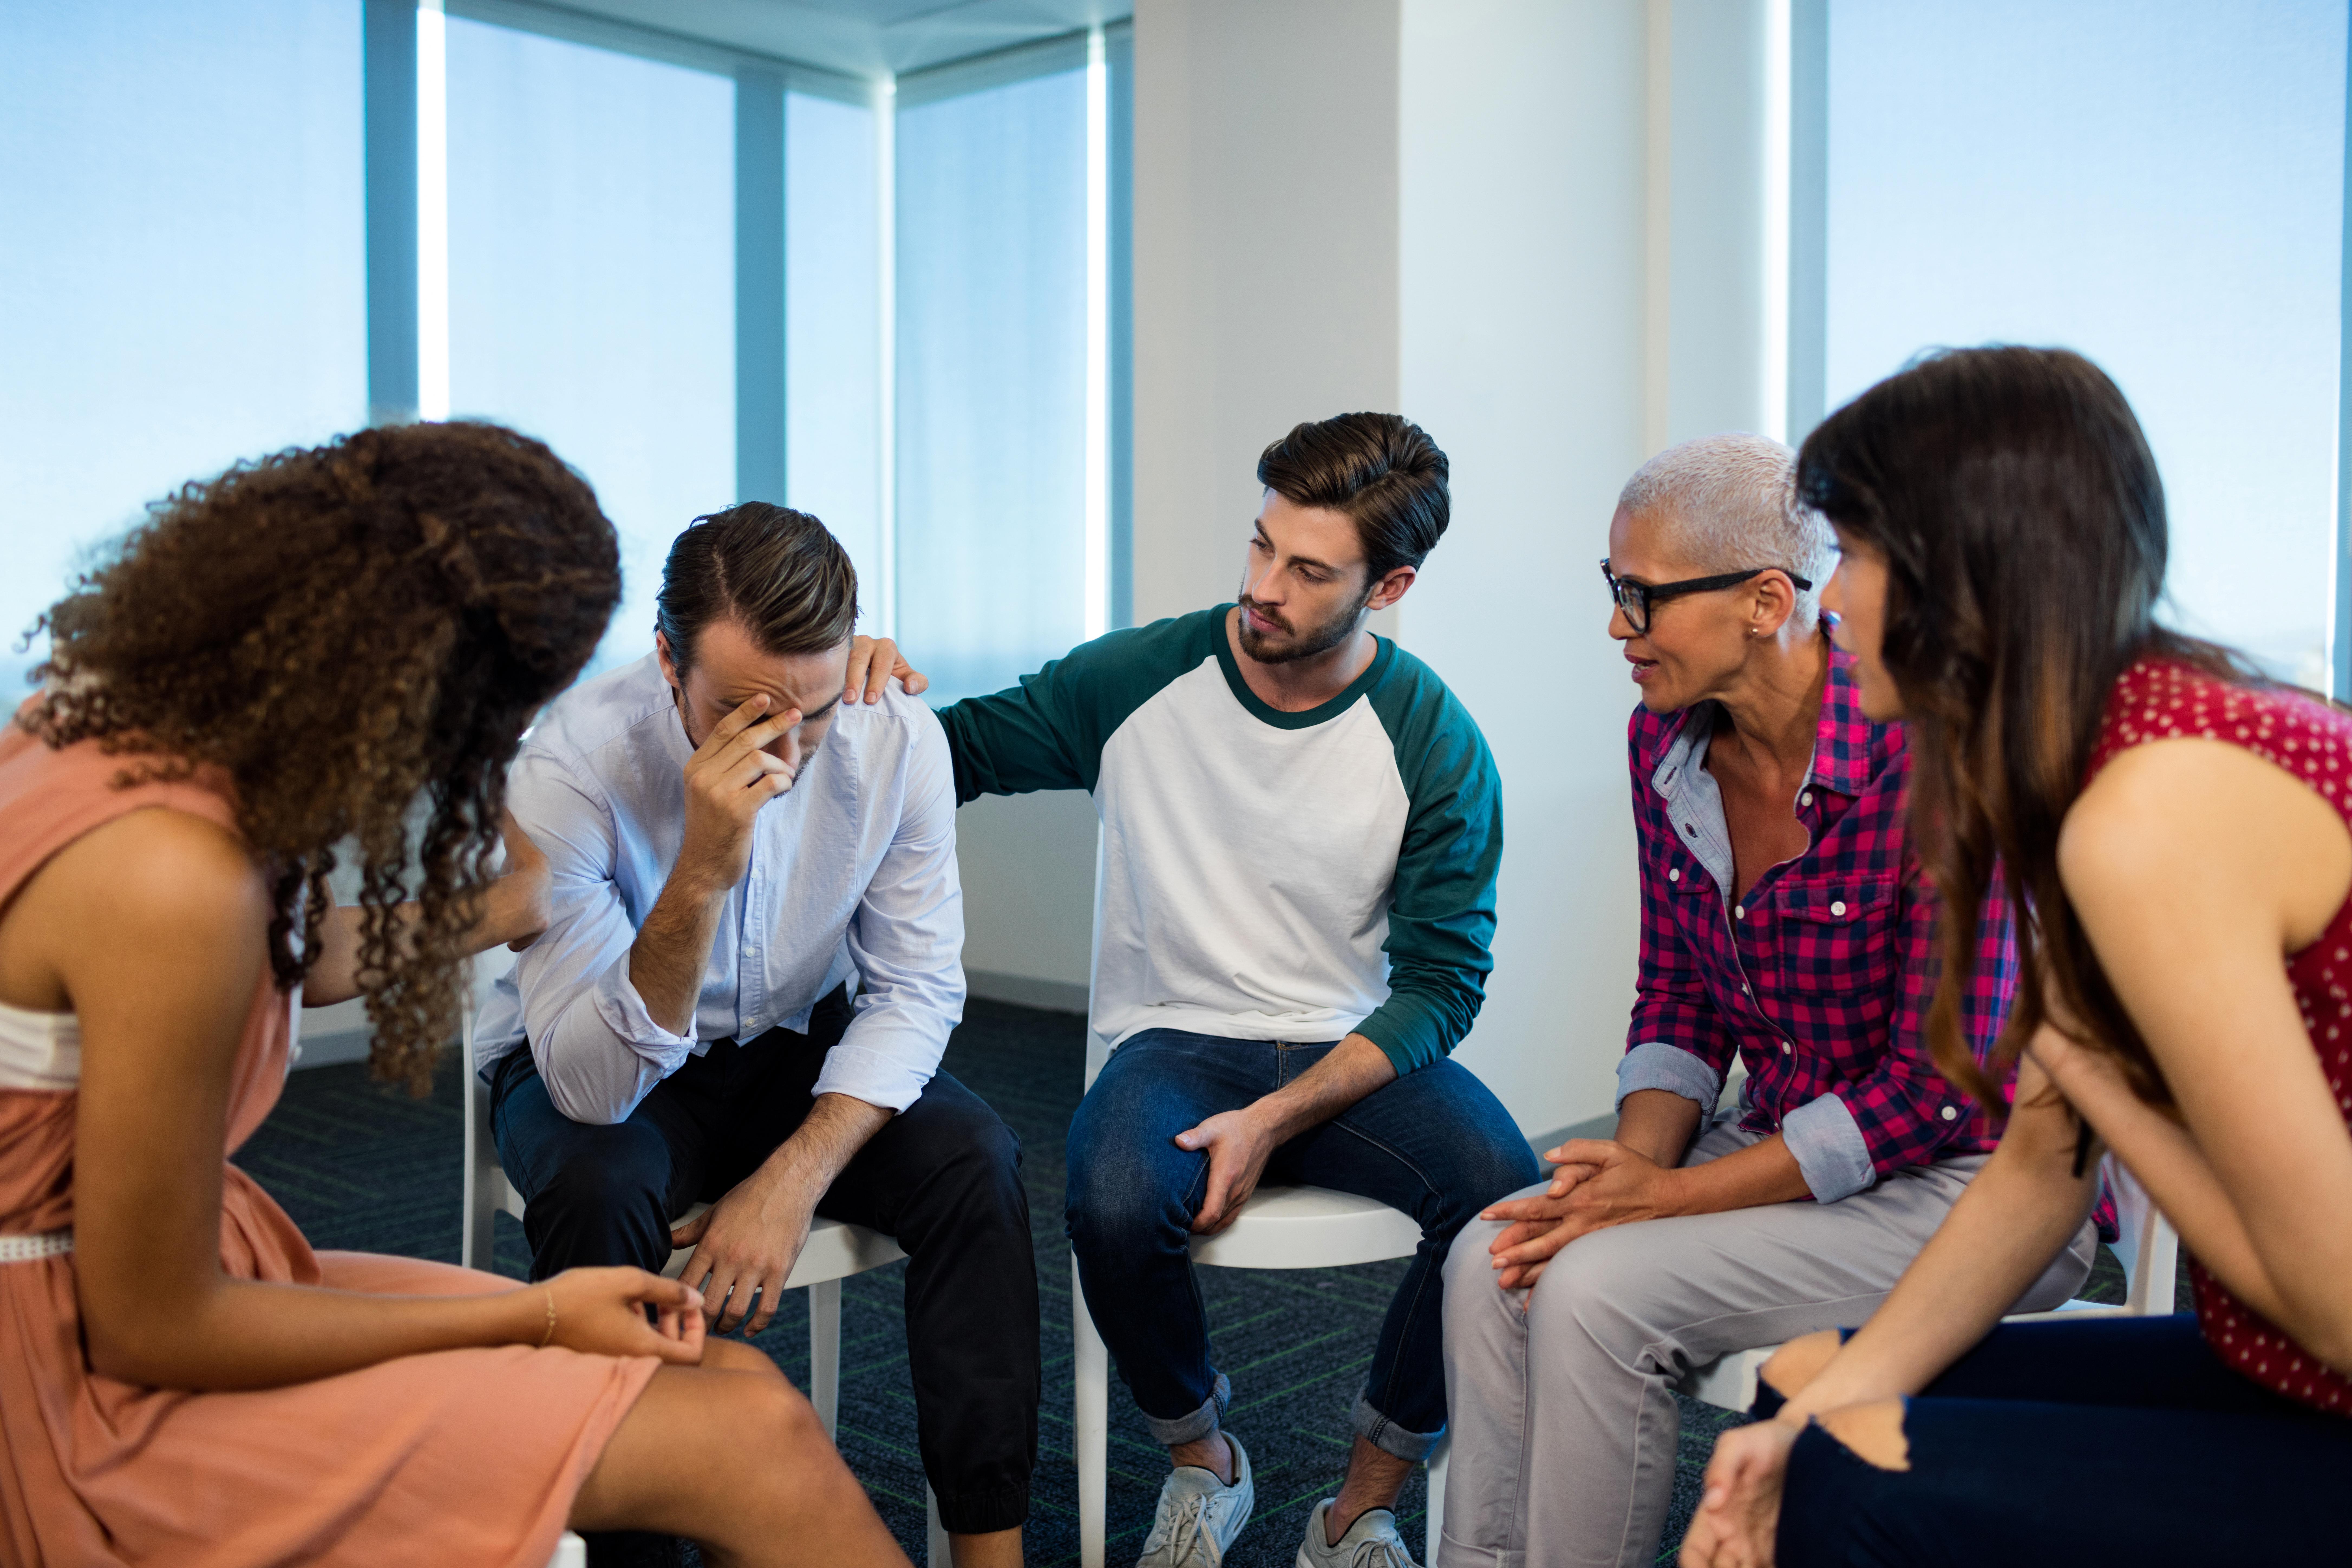 Att gnälla på individer kan däremot leda till mobbning vilket aldrig är okej på en arbetsplats, våga stötta och säga ifrån om du upptäcker arbetsplatsmobbning.